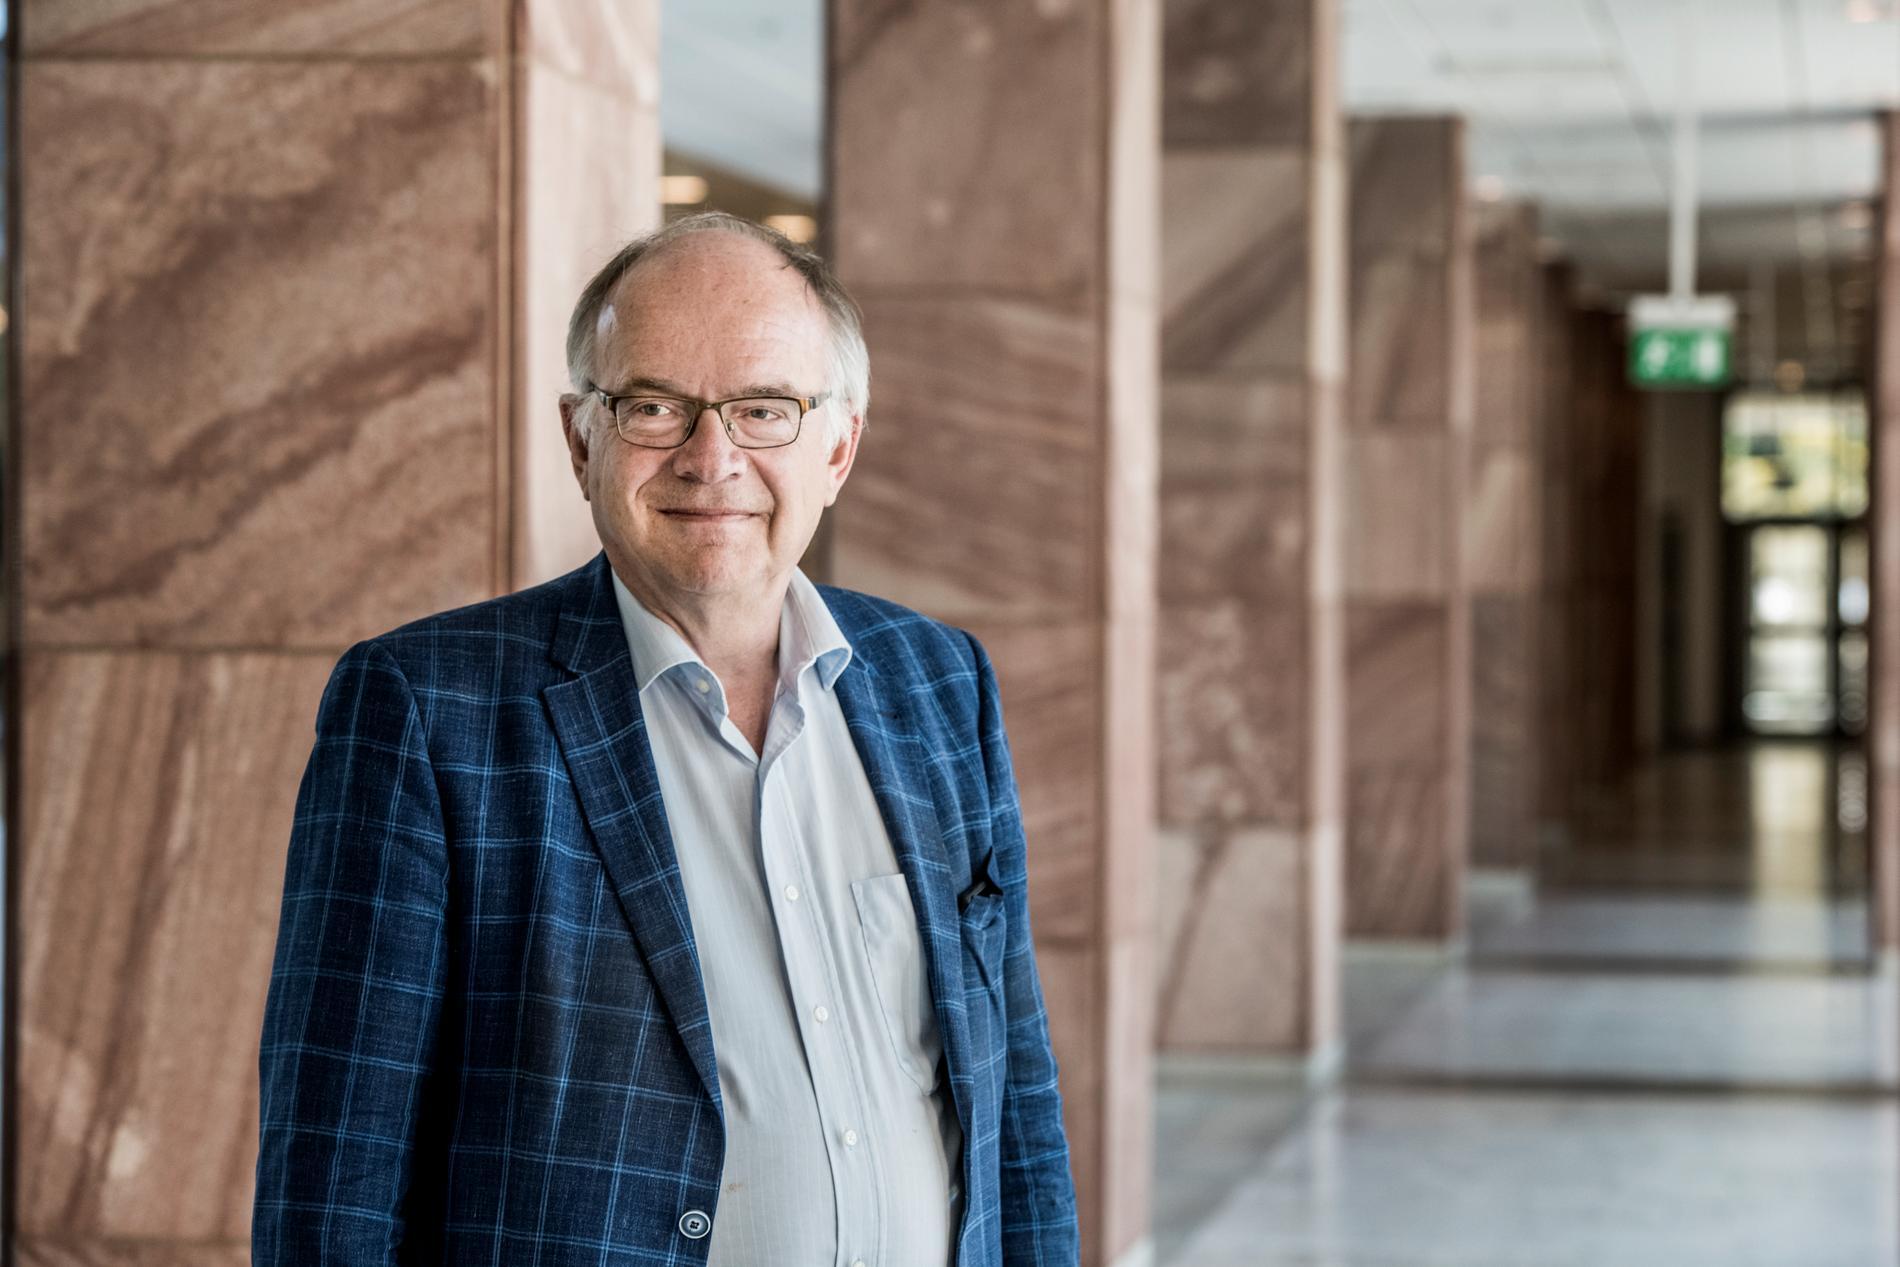 Göran Stiernstedt, regeringens särskilde utredare om primärvårdens organisation, presenterar ett slutbetänkande på tisdagen. Arkivbild.